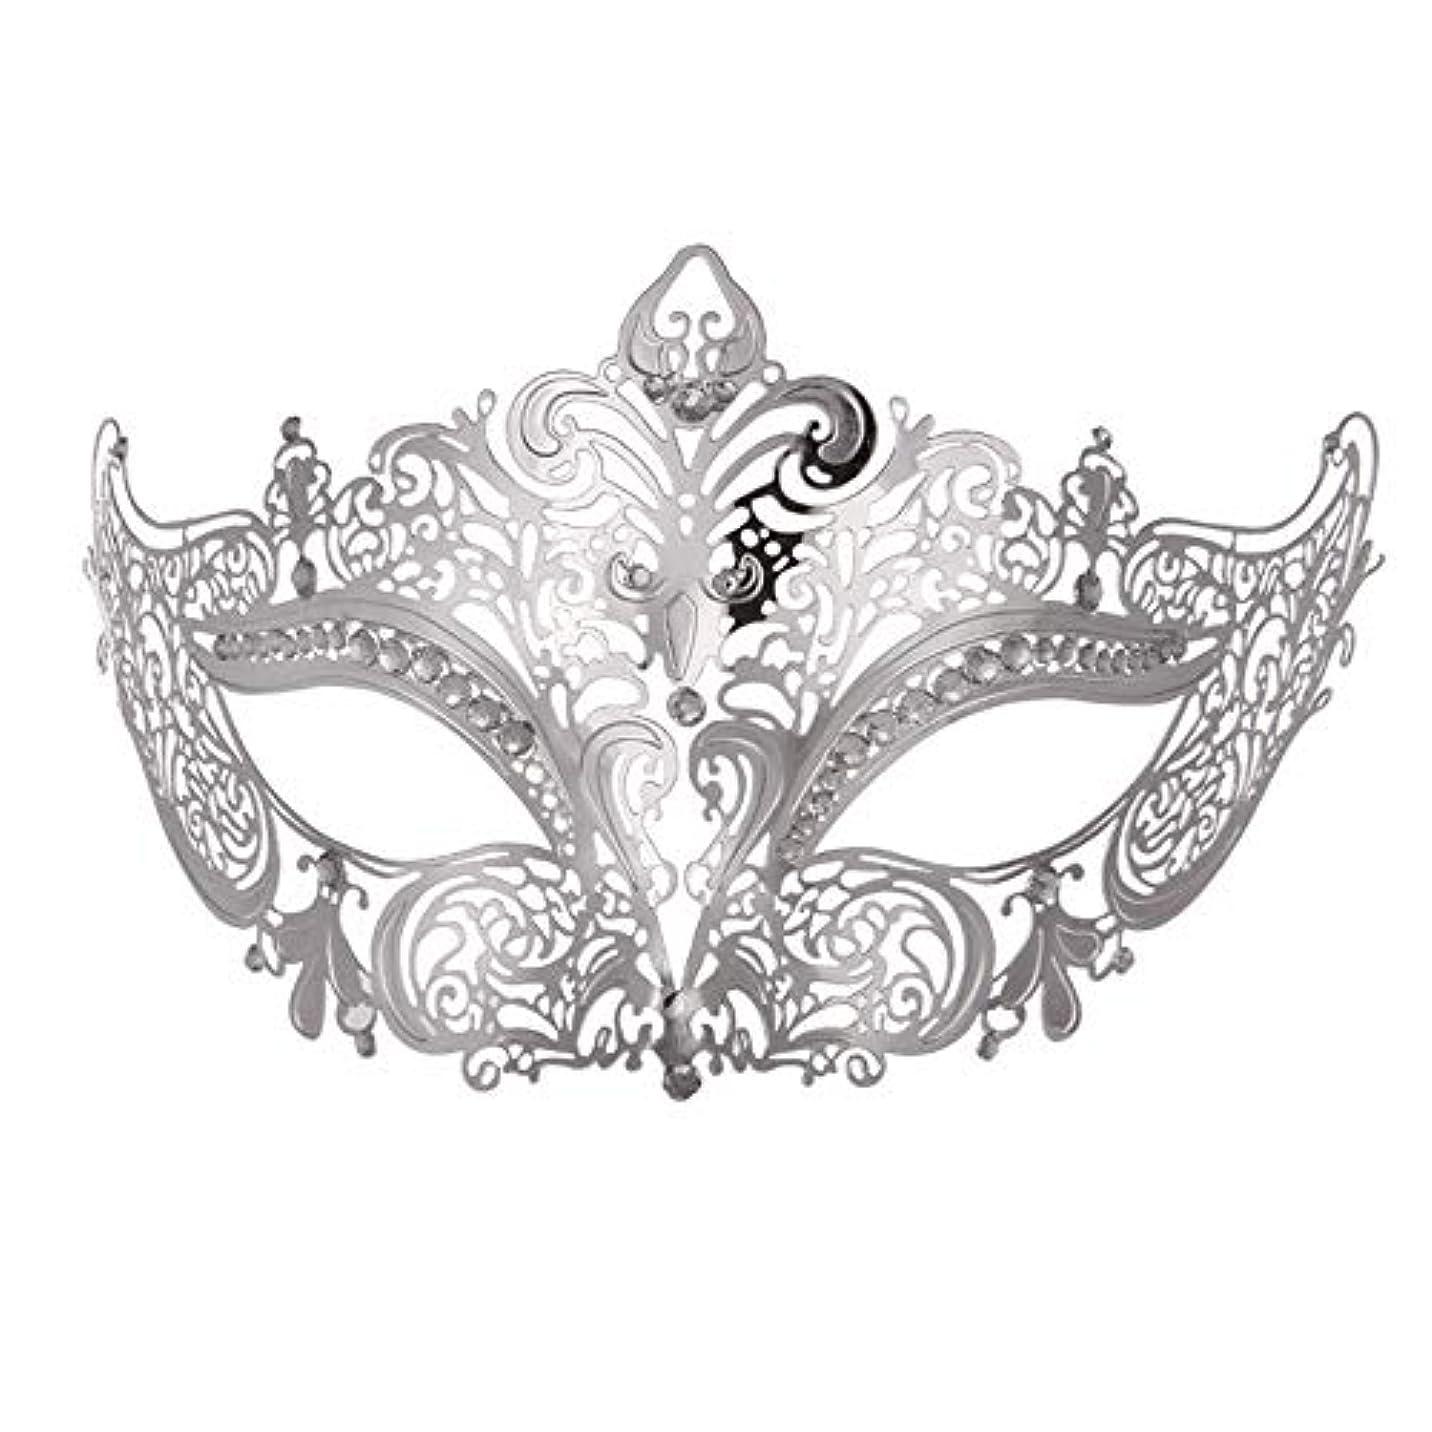 冗談でエンティティ受信機ダンスマスク 高級金メッキ銀マスク仮装小道具ロールプレイングナイトクラブパーティーマスク ホリデーパーティー用品 (色 : 銀, サイズ : Universal)